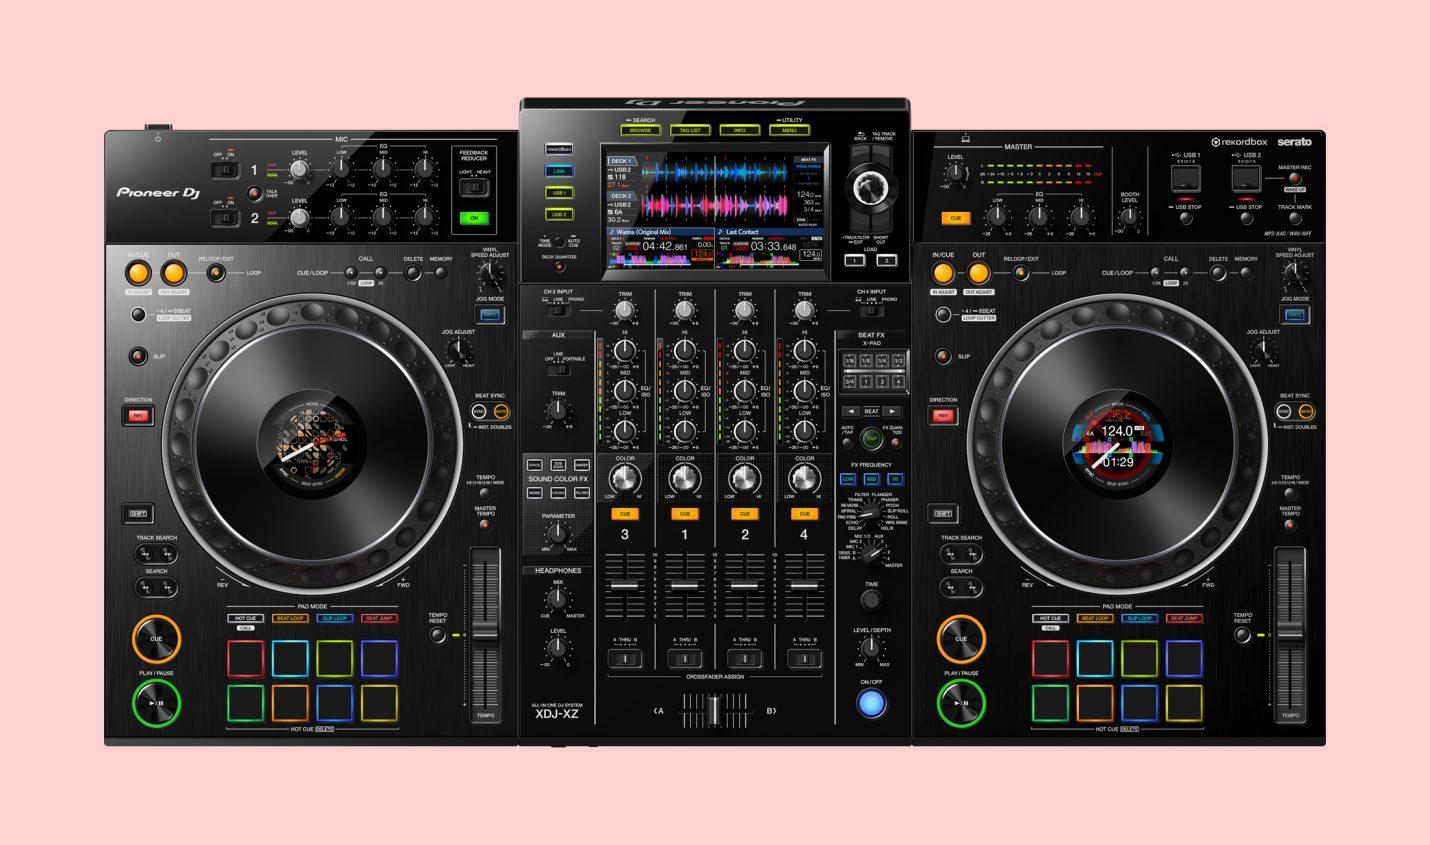 Neu: Pioneer DJ XDJ-XZ / All-in-one-System